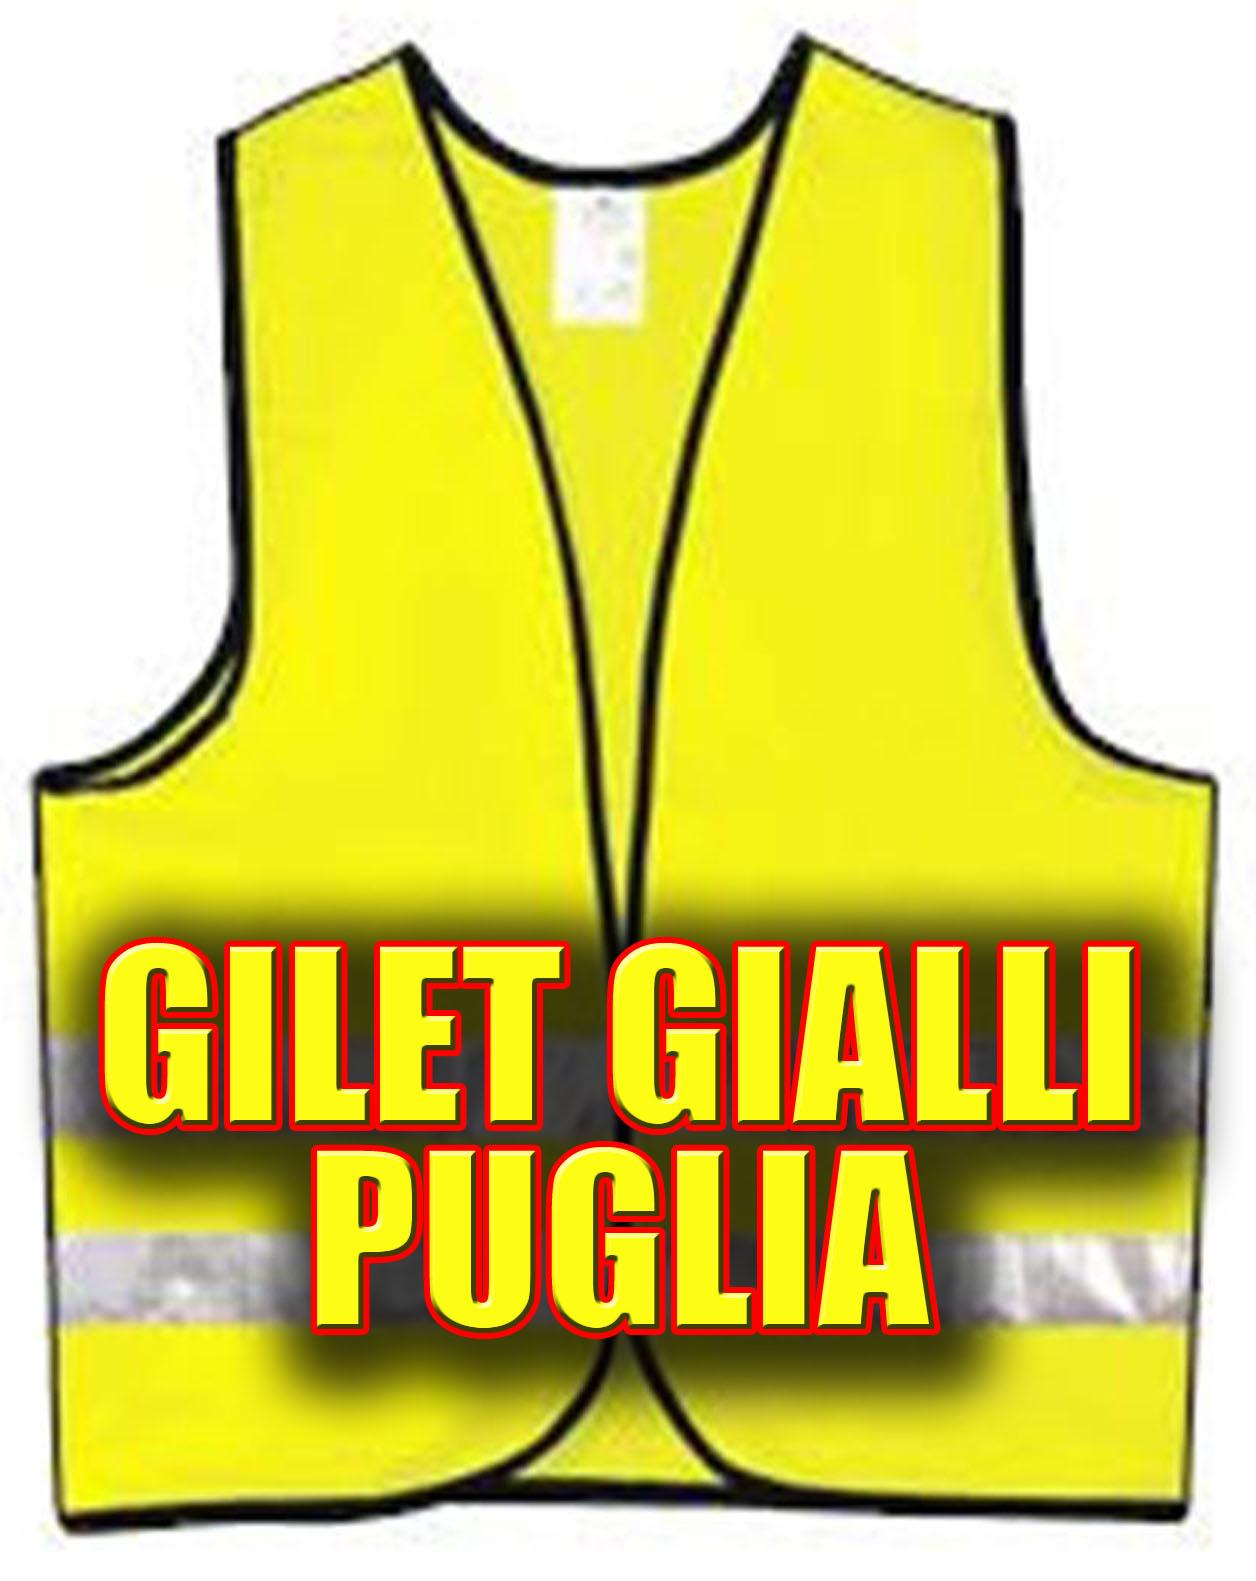 Gilet Gialli Puglia